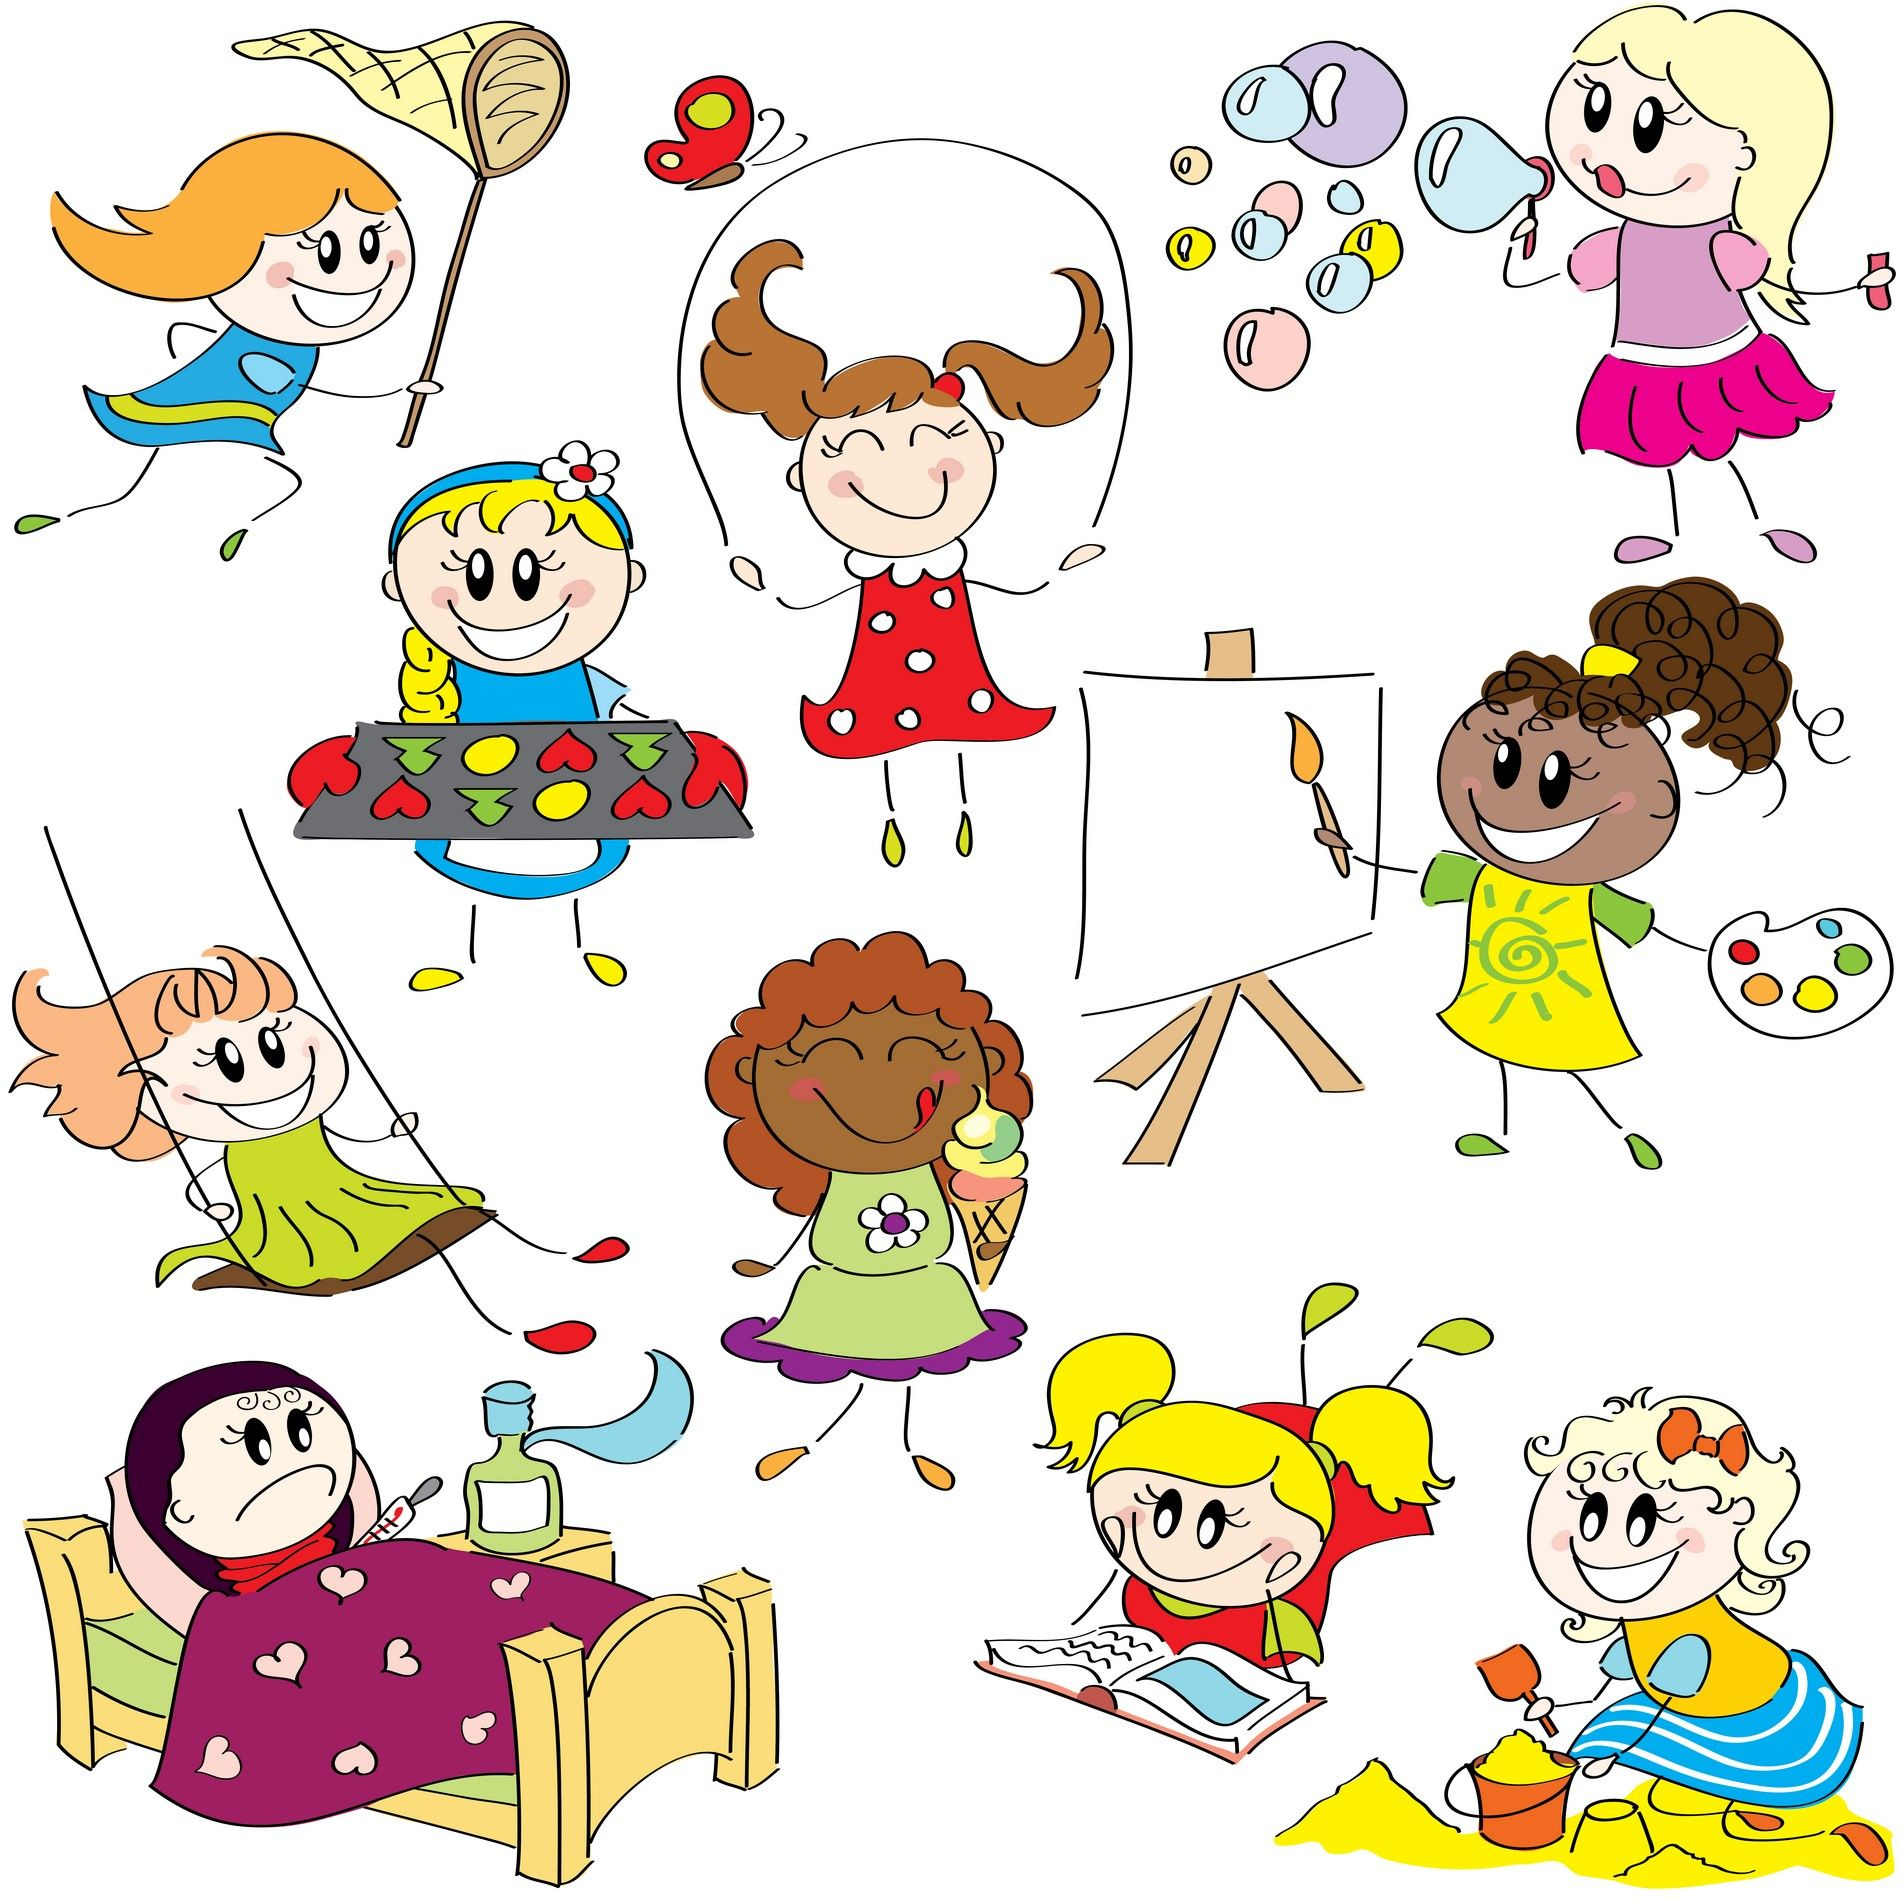 Uncategorized Free Download Cartoons Kids cartoon children kids people 07 vector free downloadsvector